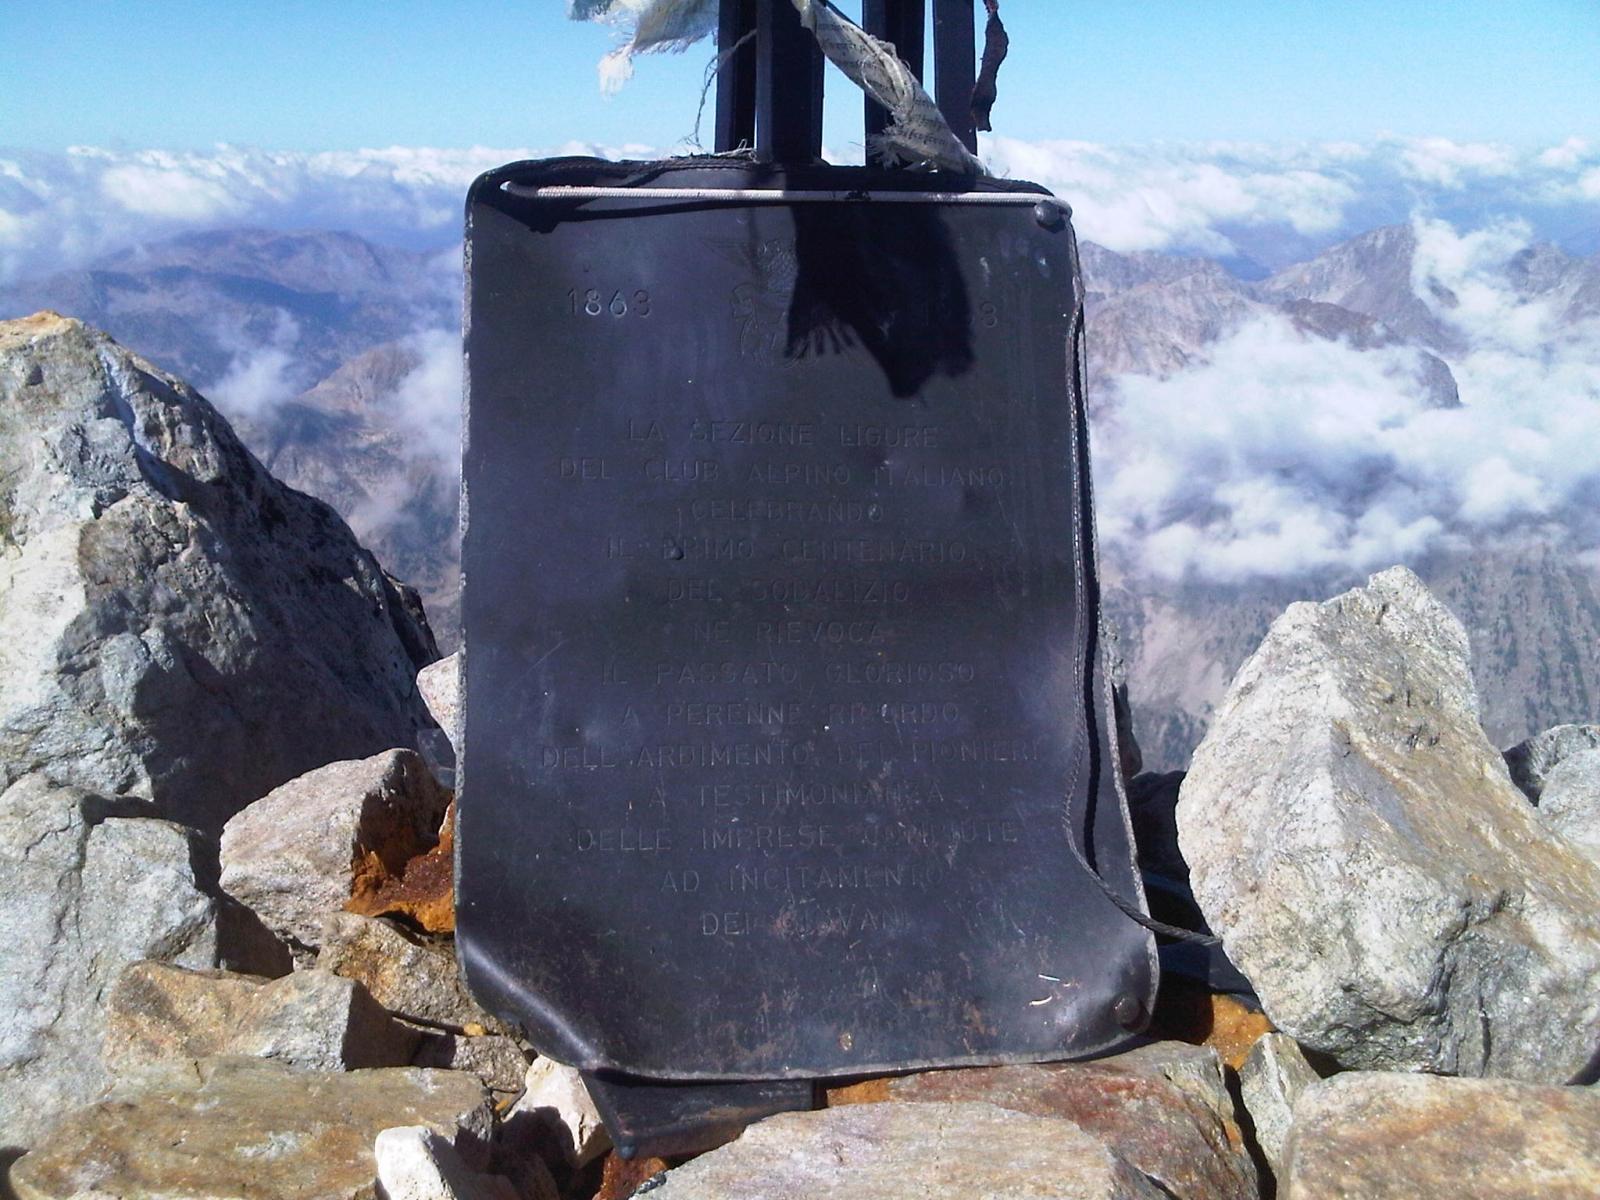 Mte. Argentera 08-11 August 2012 (Photo 31)